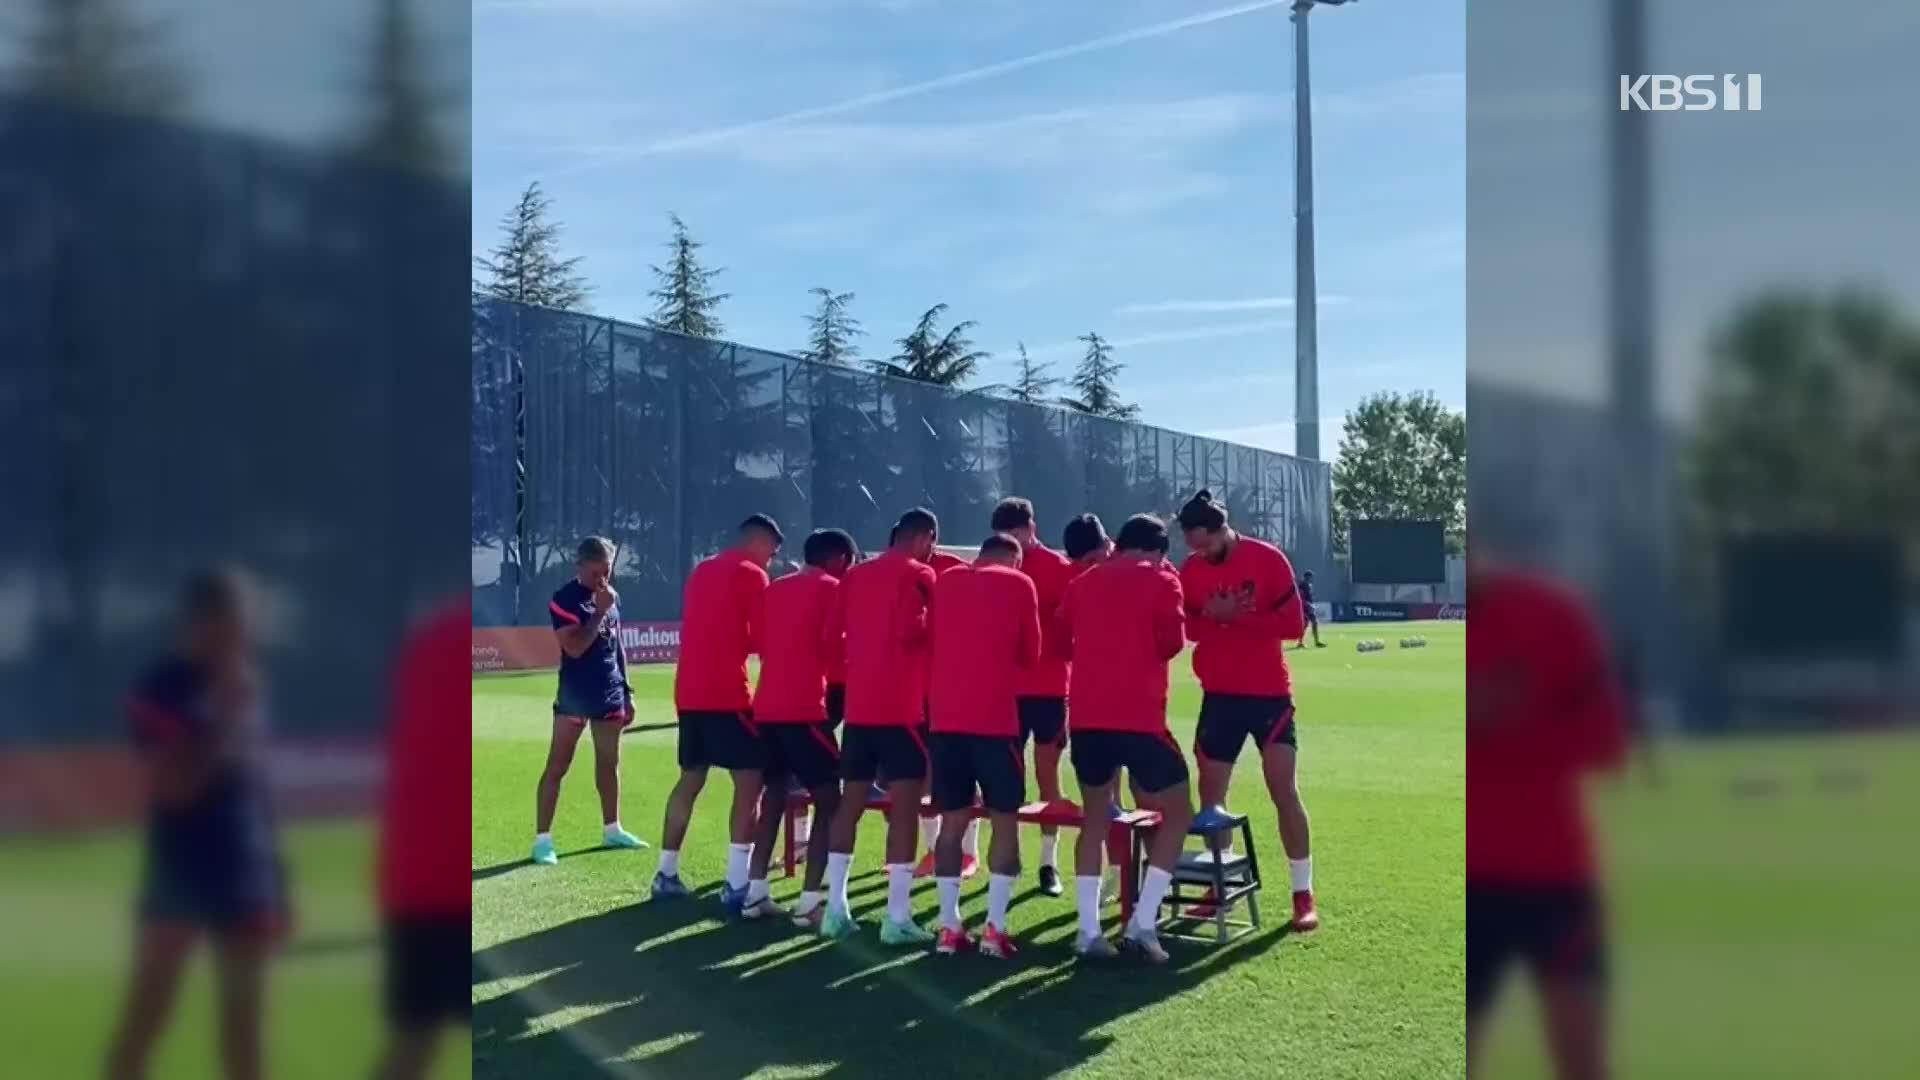 [오늘의 영상] 스페인에서도 오징어 게임?